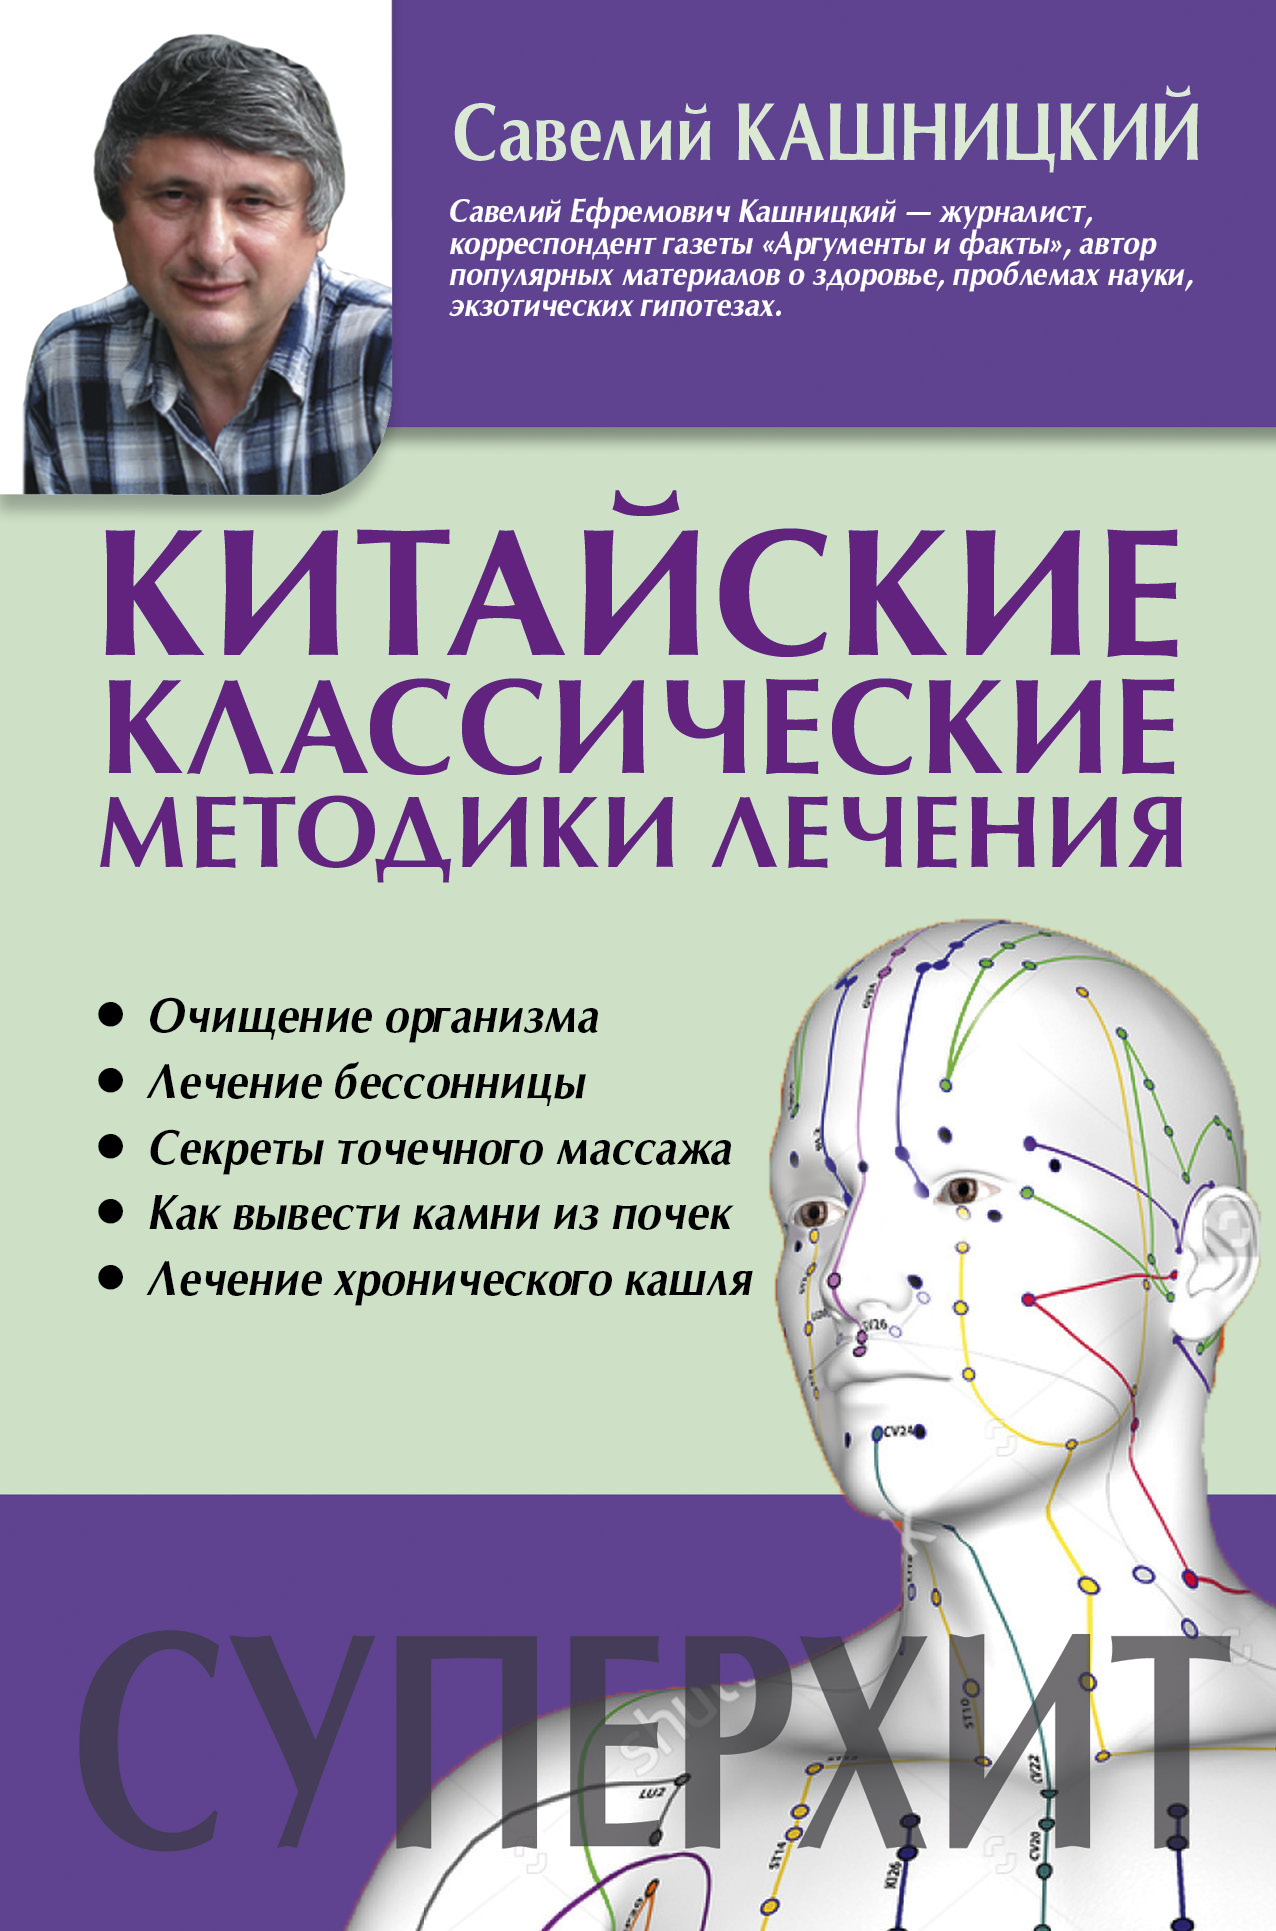 Китайские классические методики лечения от book24.ru